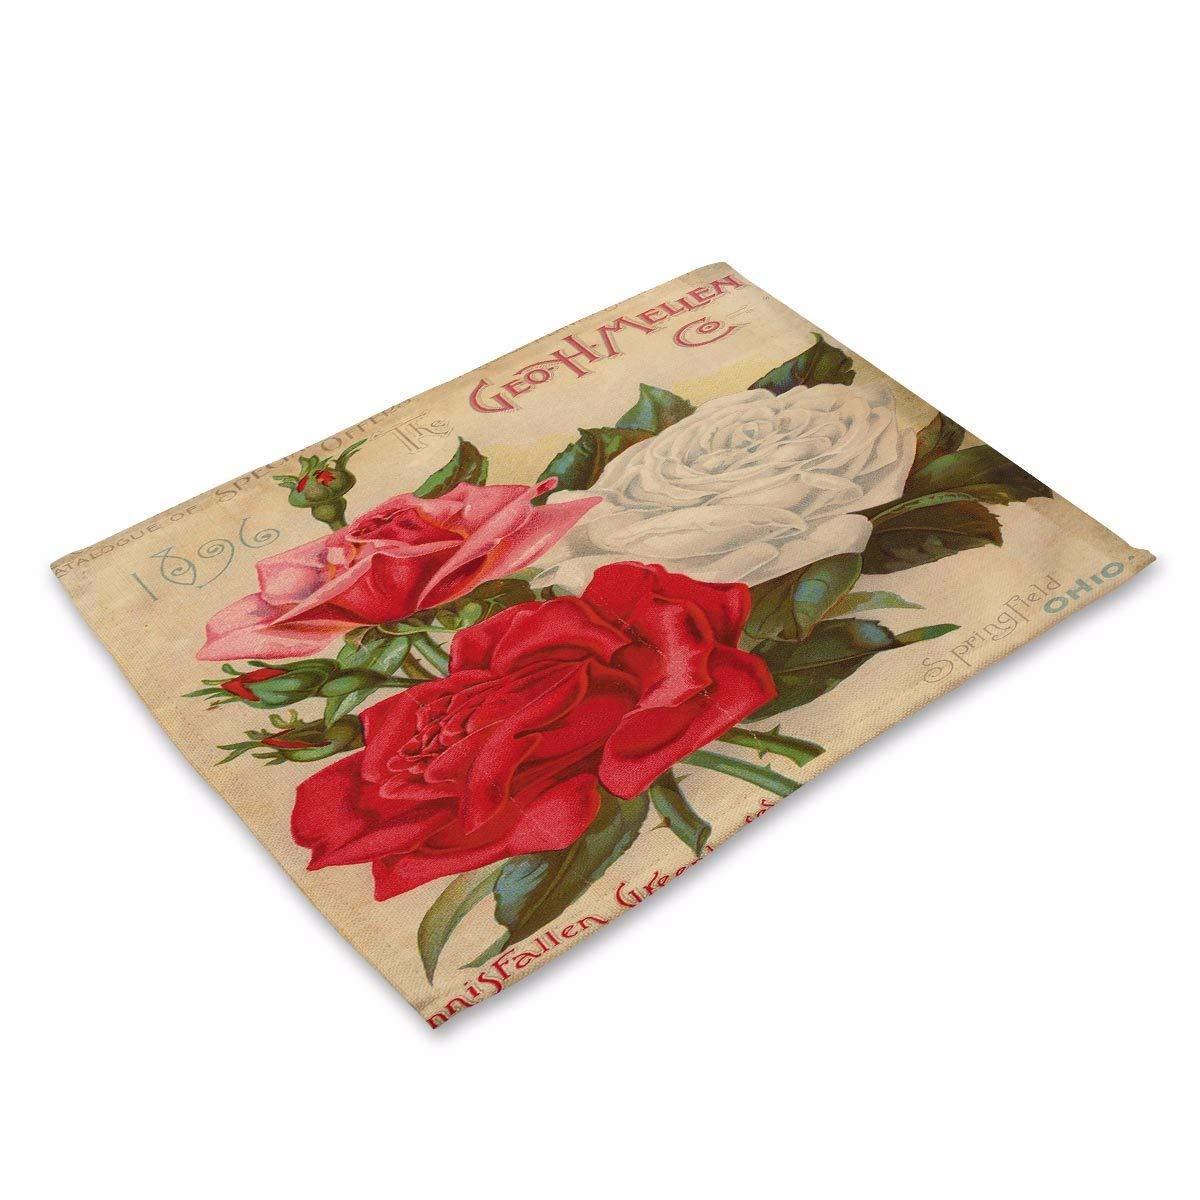 シンプルなスタイルのプレースマット ヴィンテージ 水彩 植物 花 コットン 黄麻布 アート 断熱 ウエスタンパッド A (4パック) テーブルマット   B07HSZCXDY